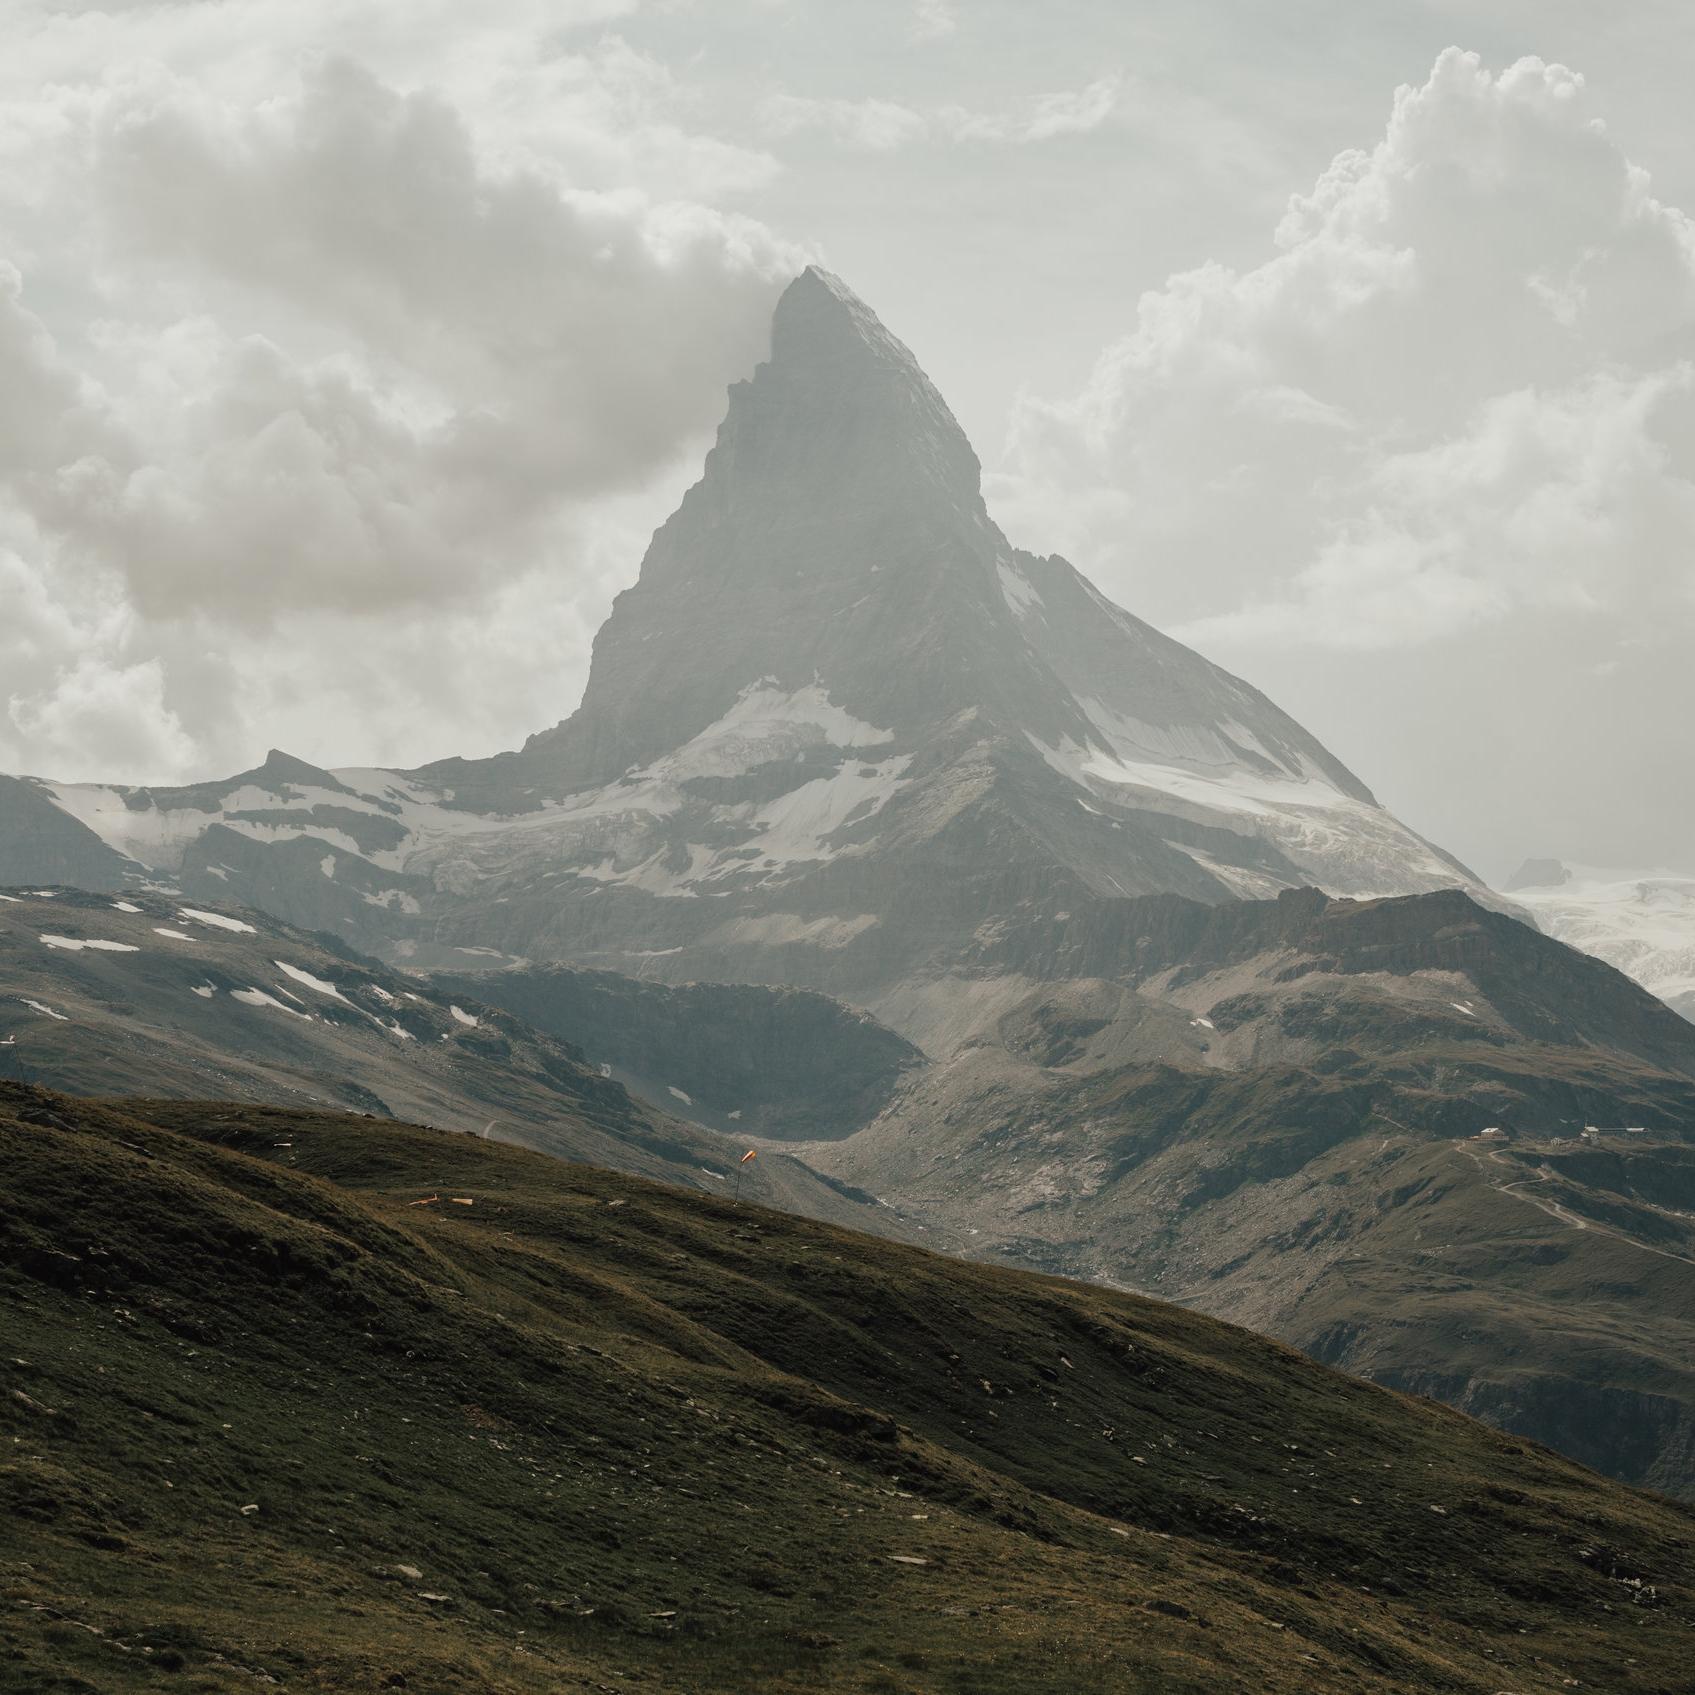 Switzerland - Coming Soon